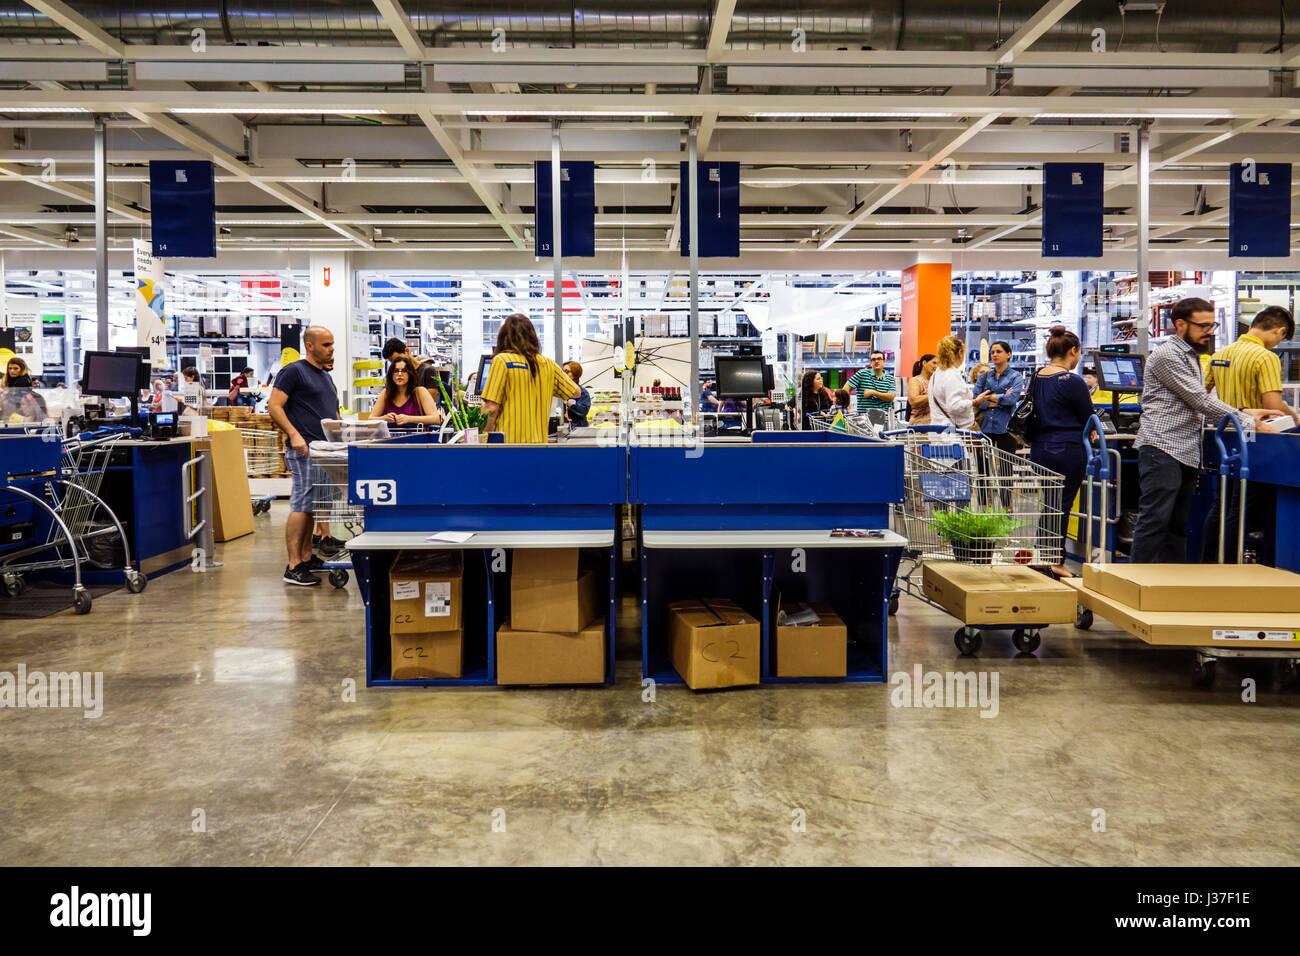 Miami Florida negozio Ikea mobili rivenditore home accessori carrello Cassa check-out line pagando in coda Immagini Stock